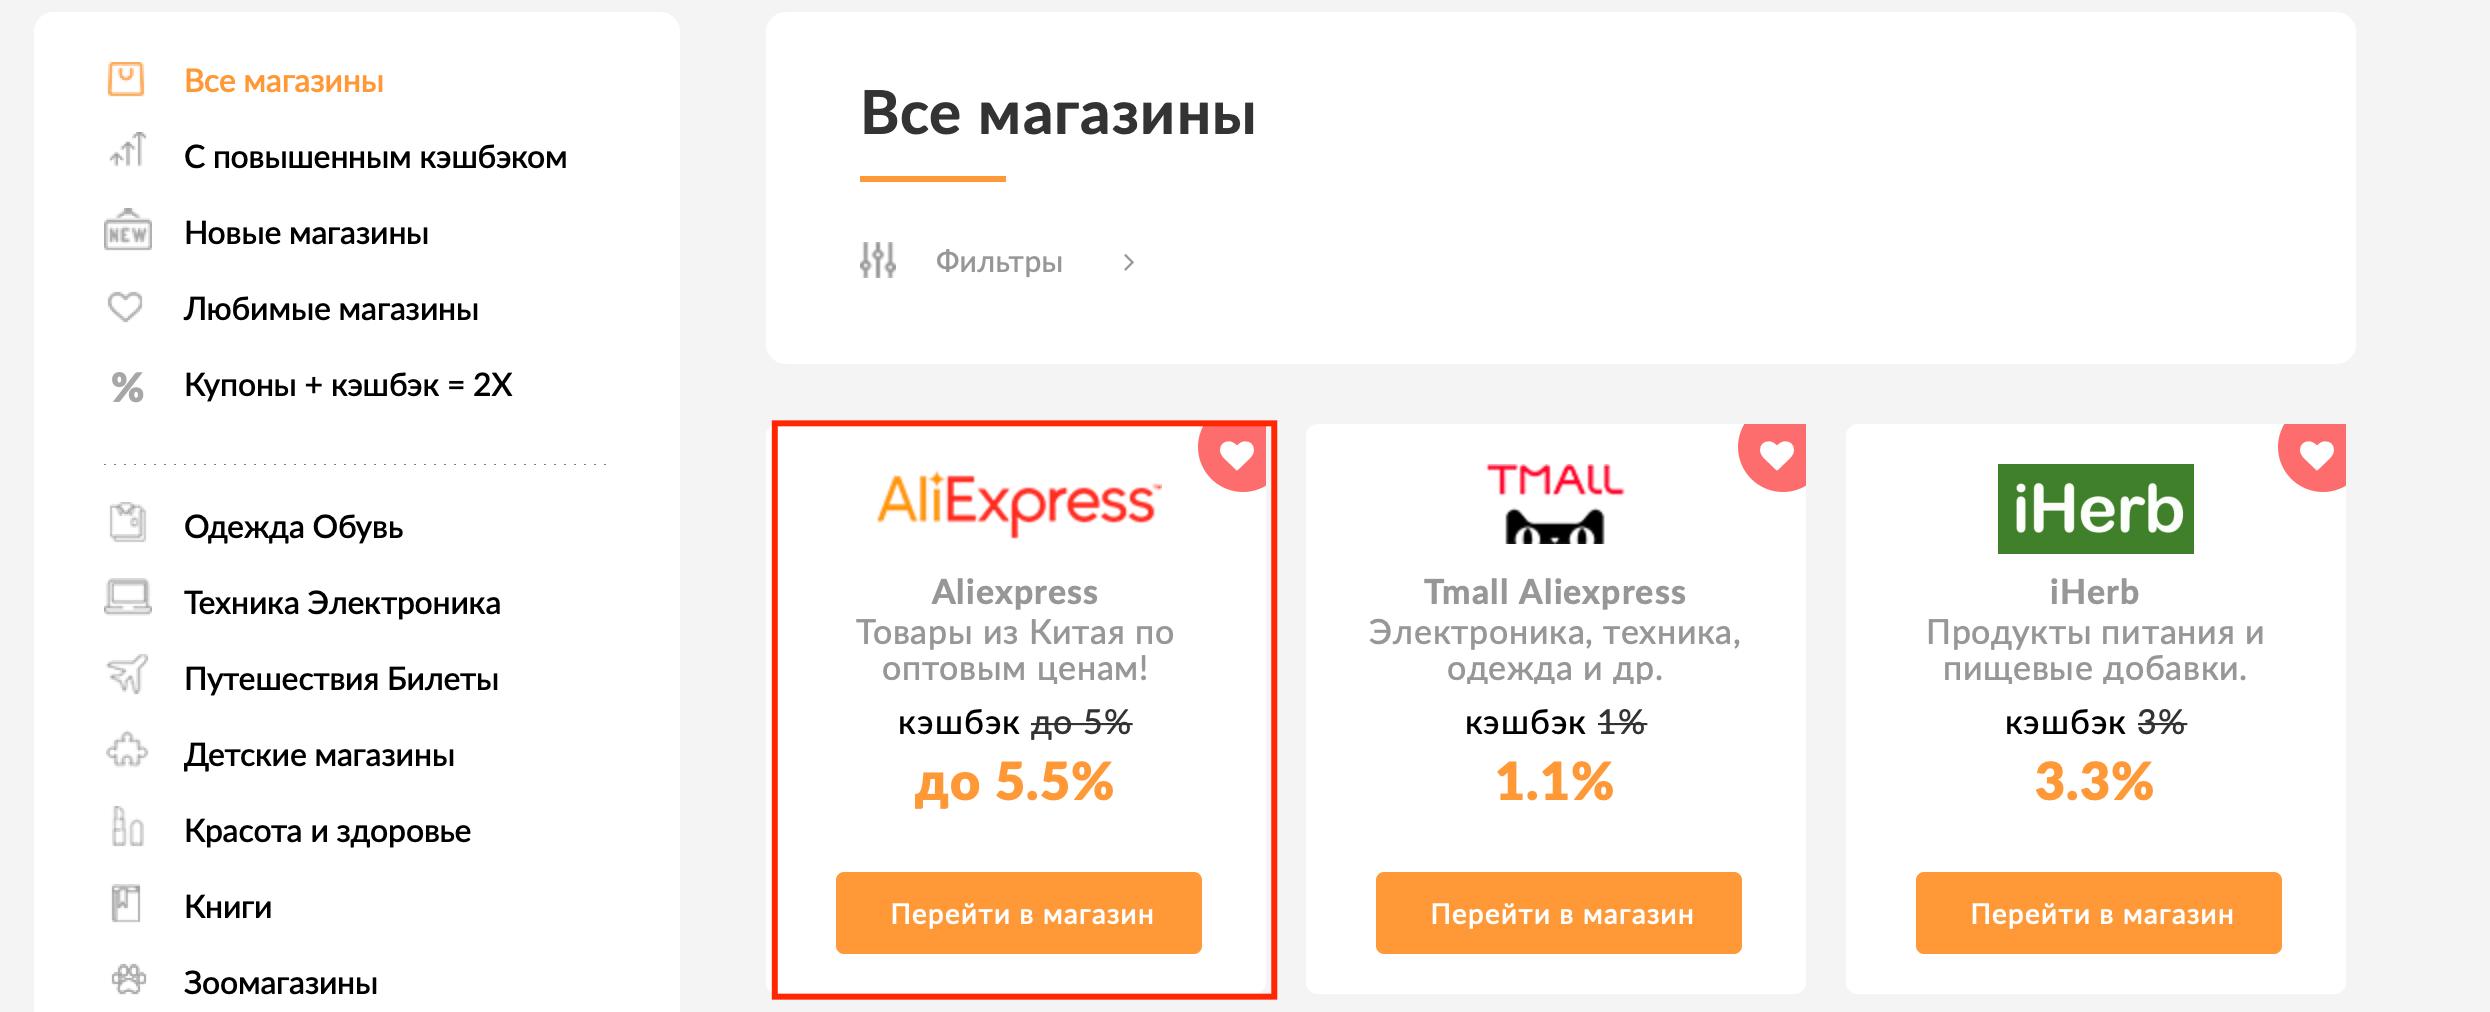 алиэкспресс кэшфобрендс